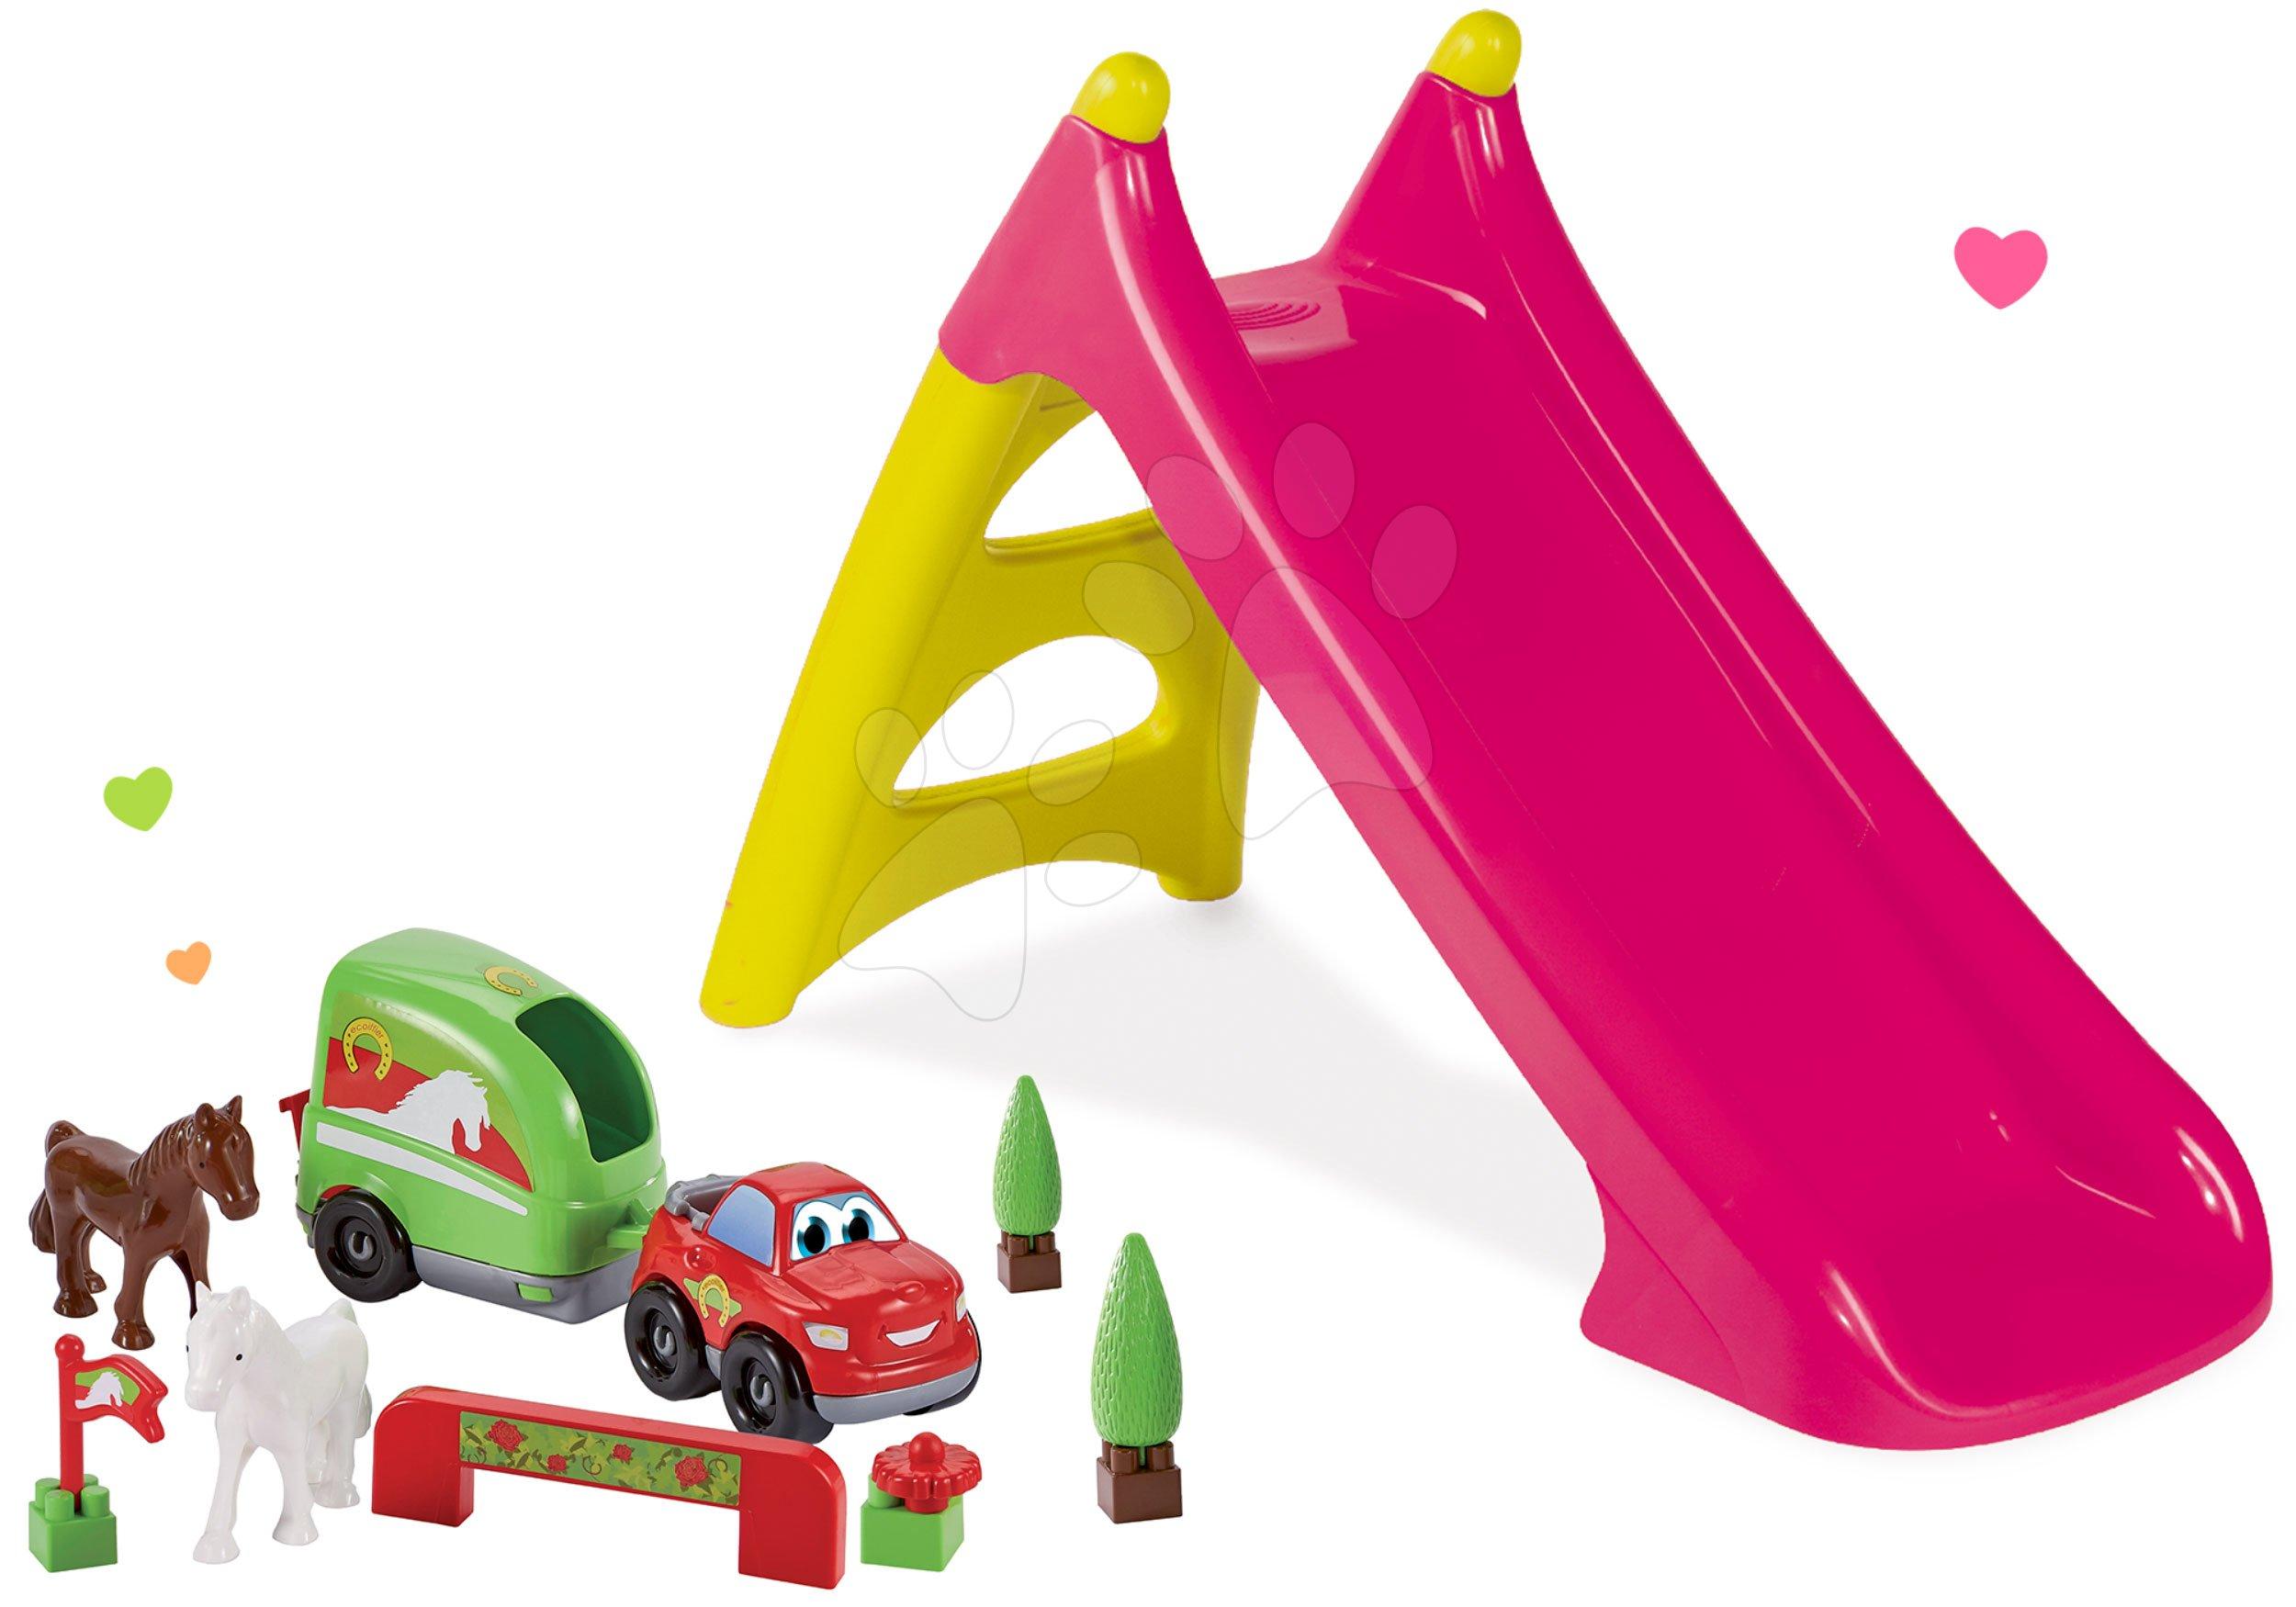 Set skluzavka Toboggan XS růžová Smoby a terénní auto s vozíkem pro koně s doplňky